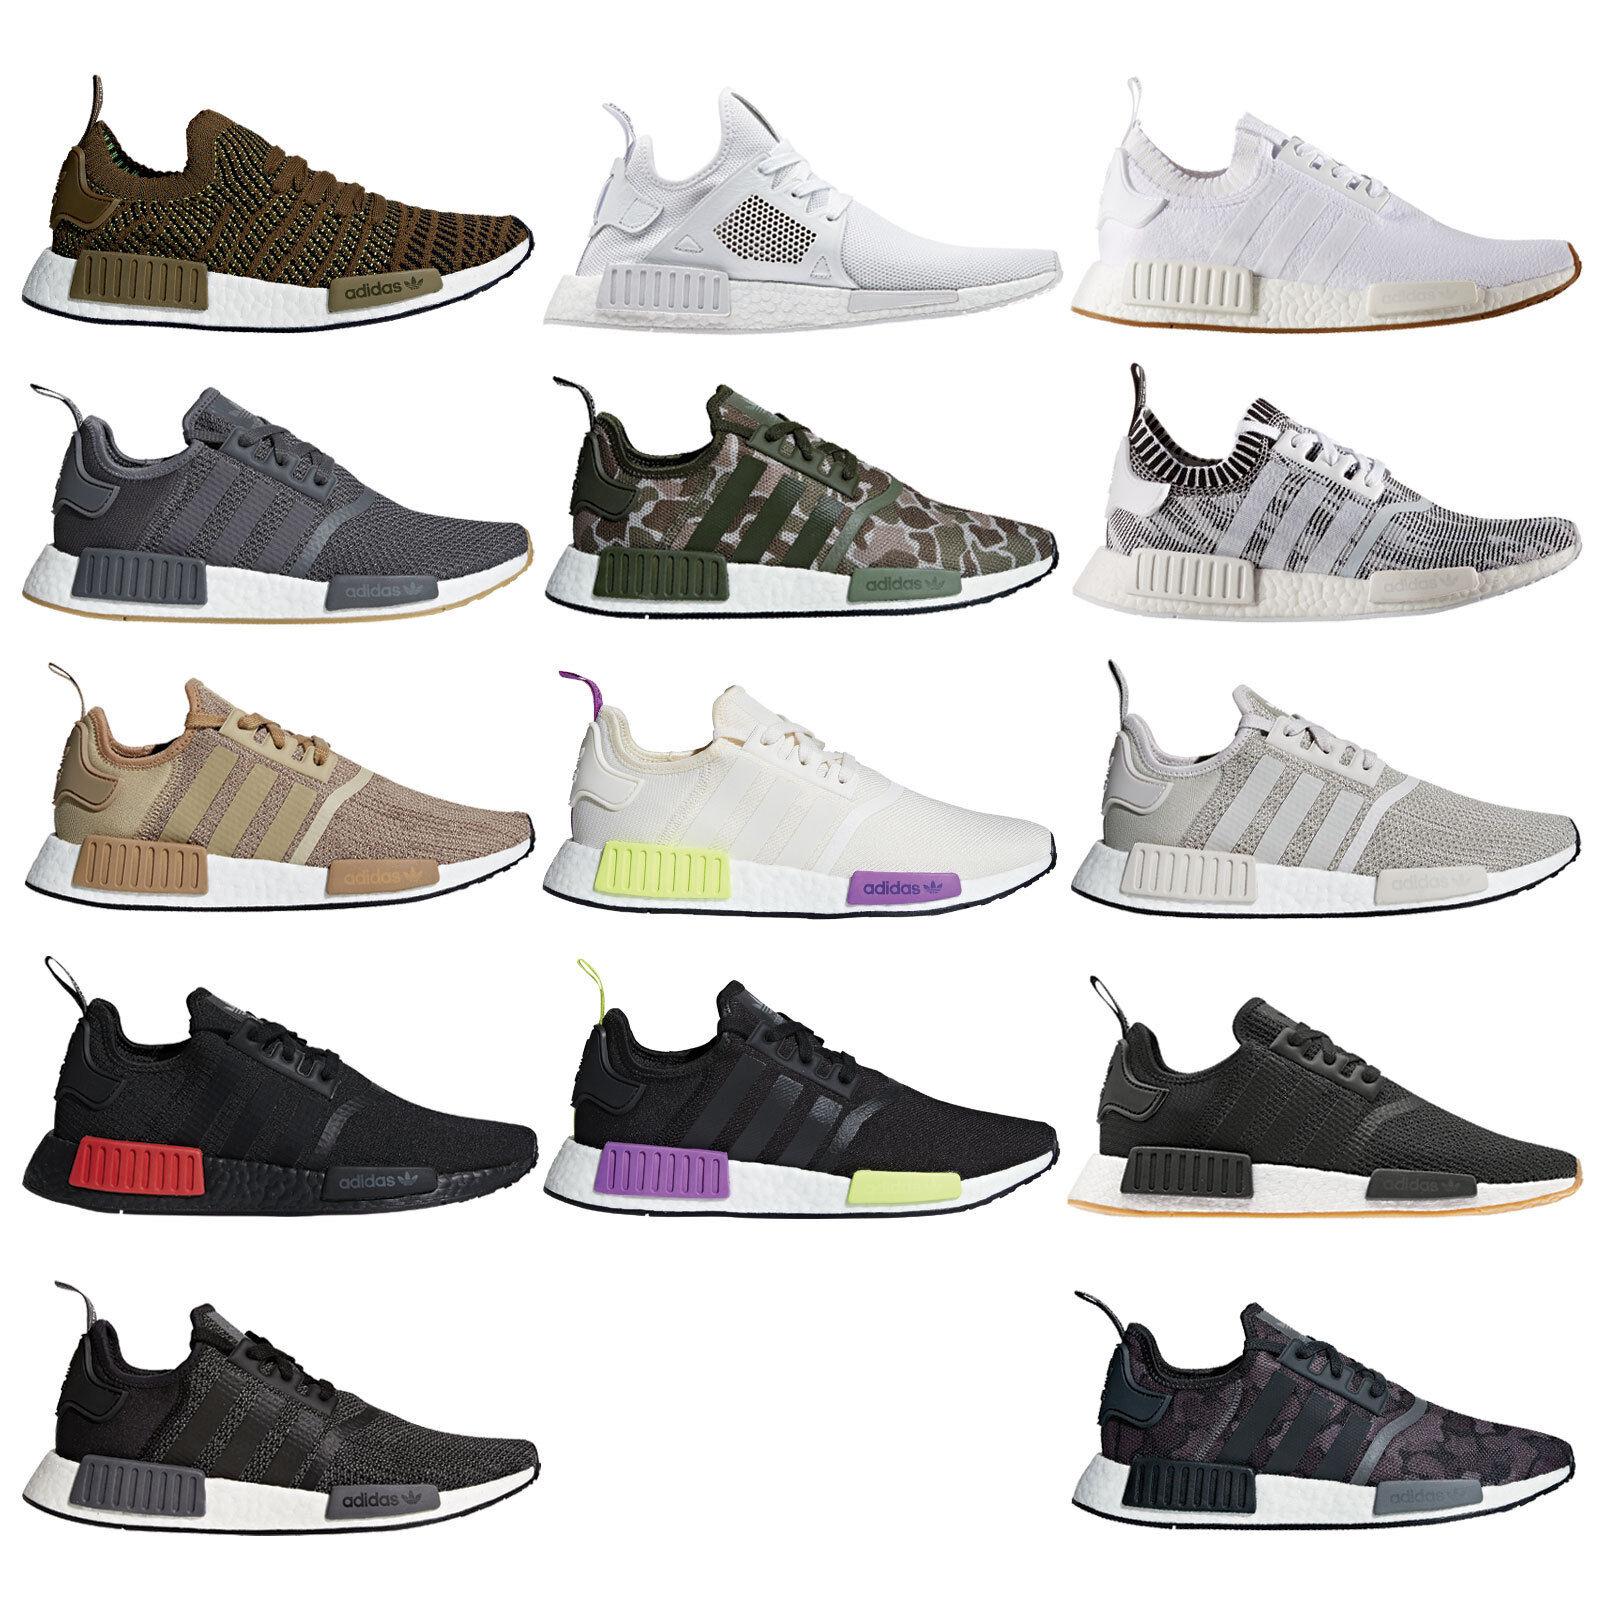 057dd56403 ... Damen Herren Sneaker Schuhe Turnschuhe Camouflage Camo BY9312, adidas  Originals NMD R1 Nomad Herren-Turnschuhe Sneaker Sportschuhe Laufschuhe ...